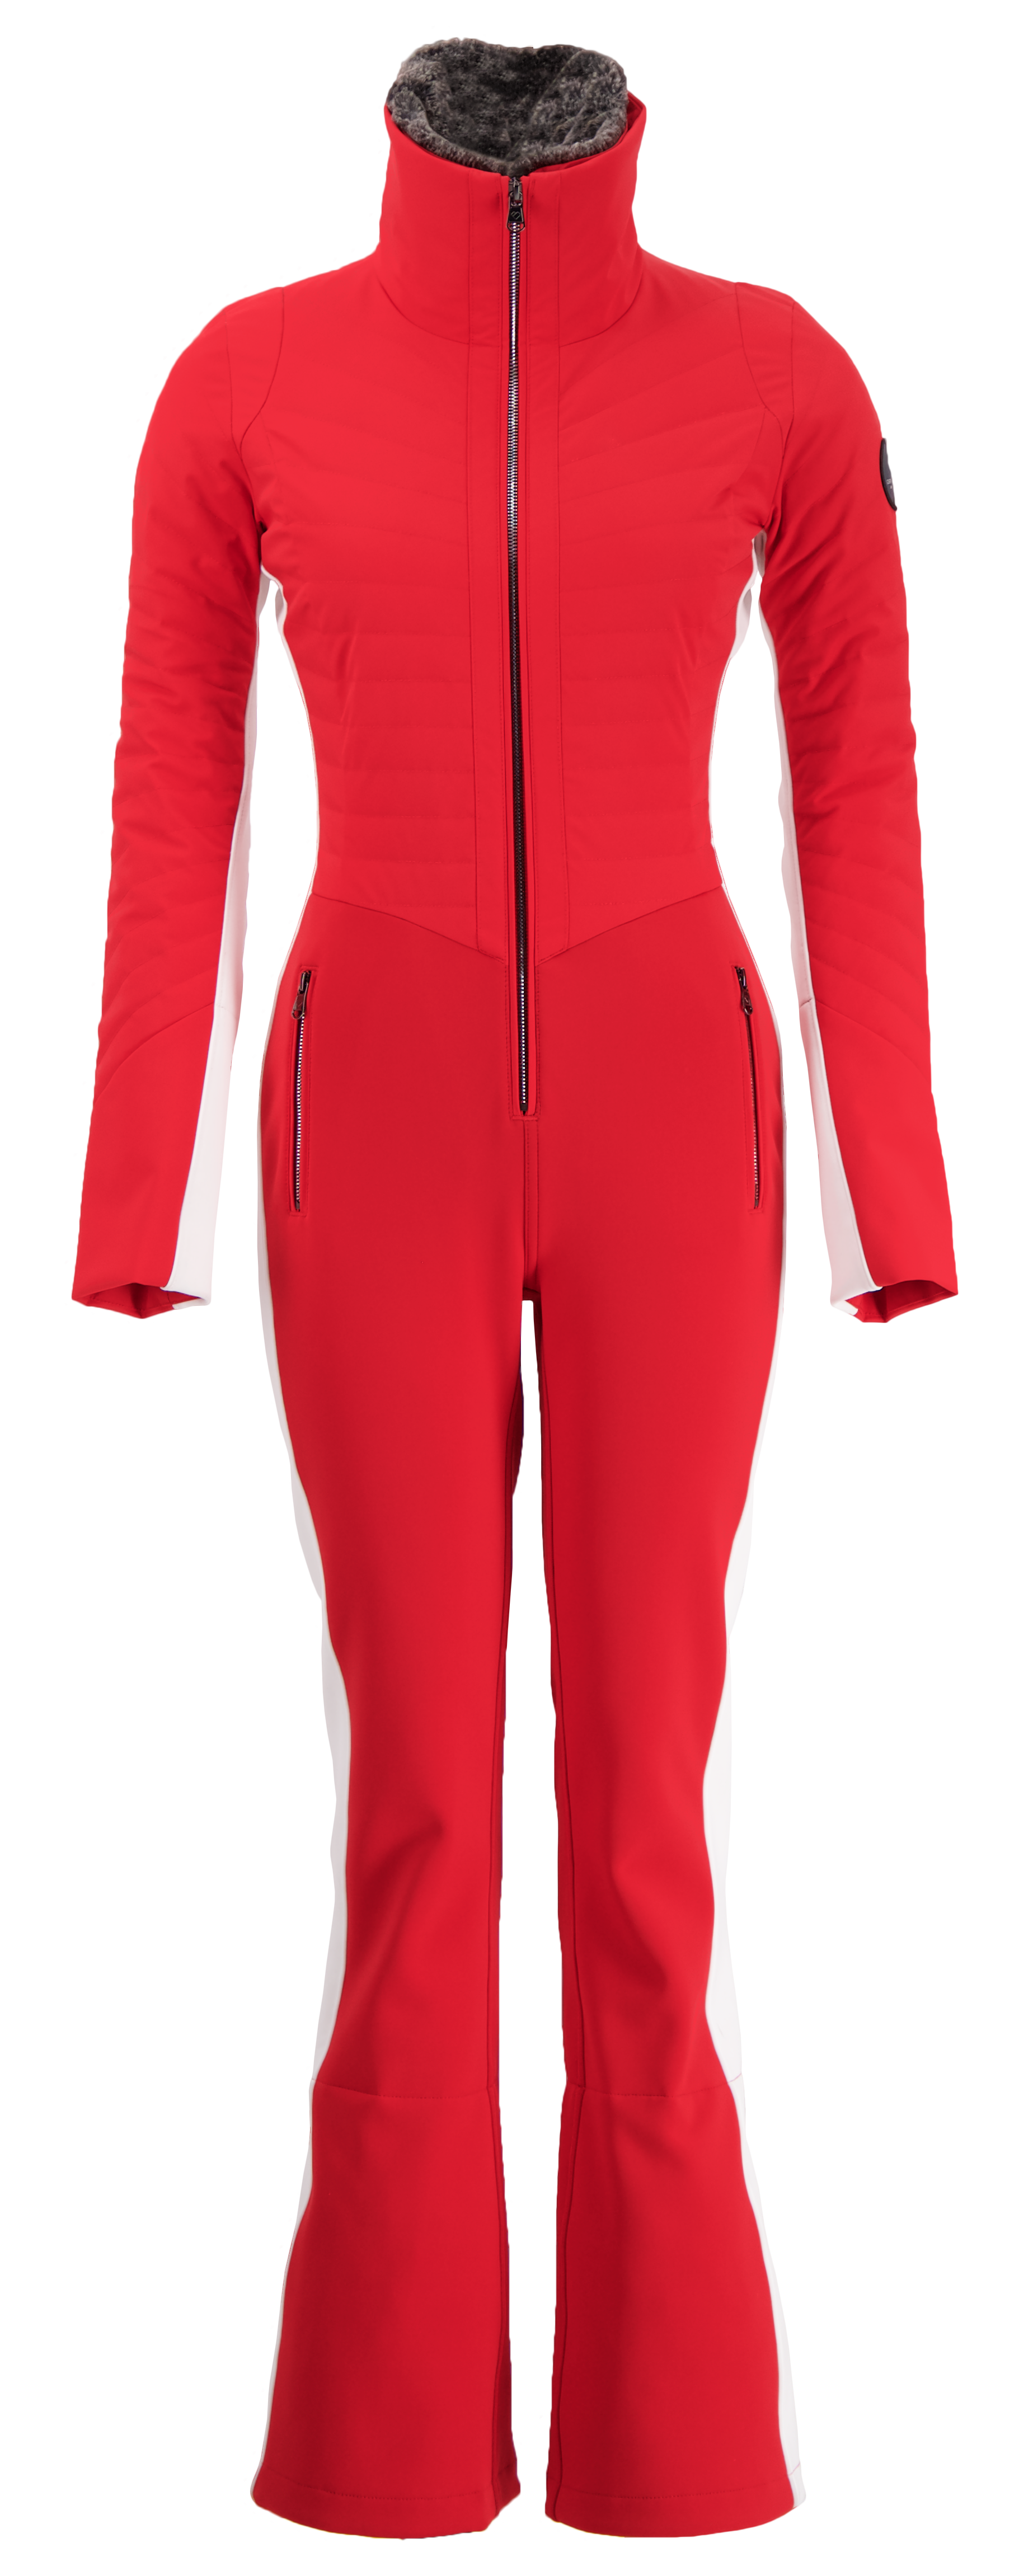 2016 Women's Stöckli Stormrider Motion